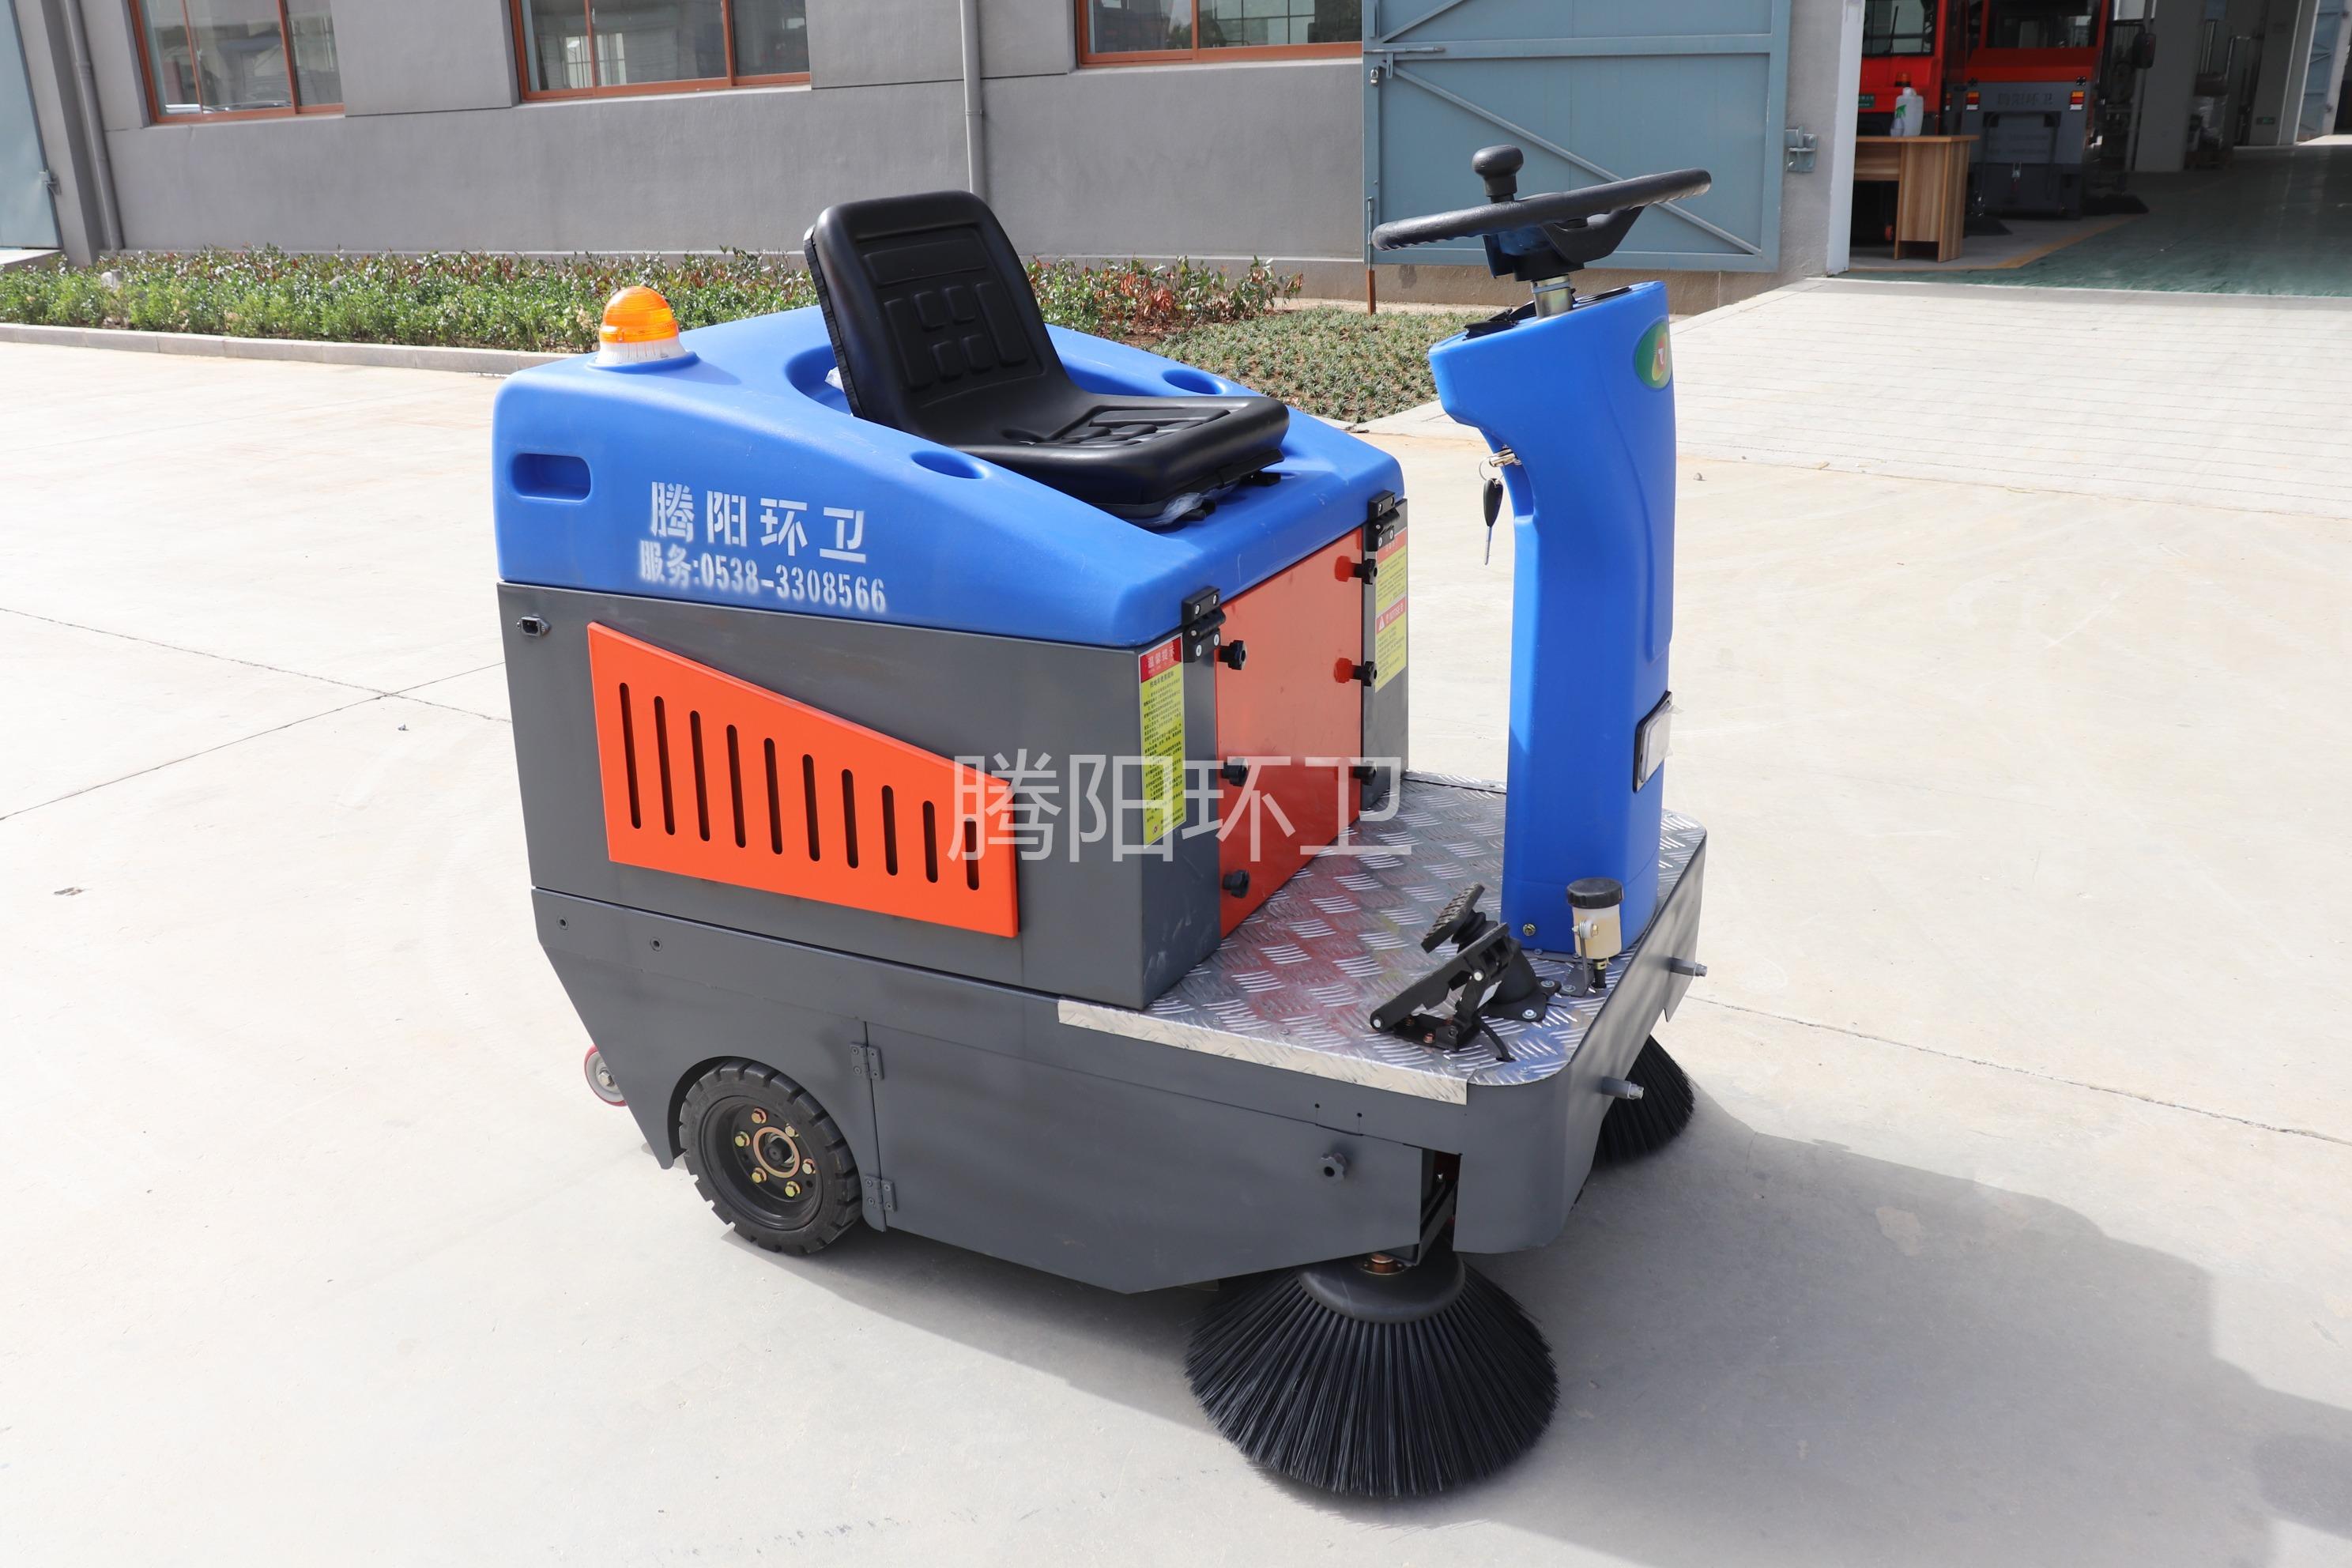 腾阳小型电动扫地车是如何工作的